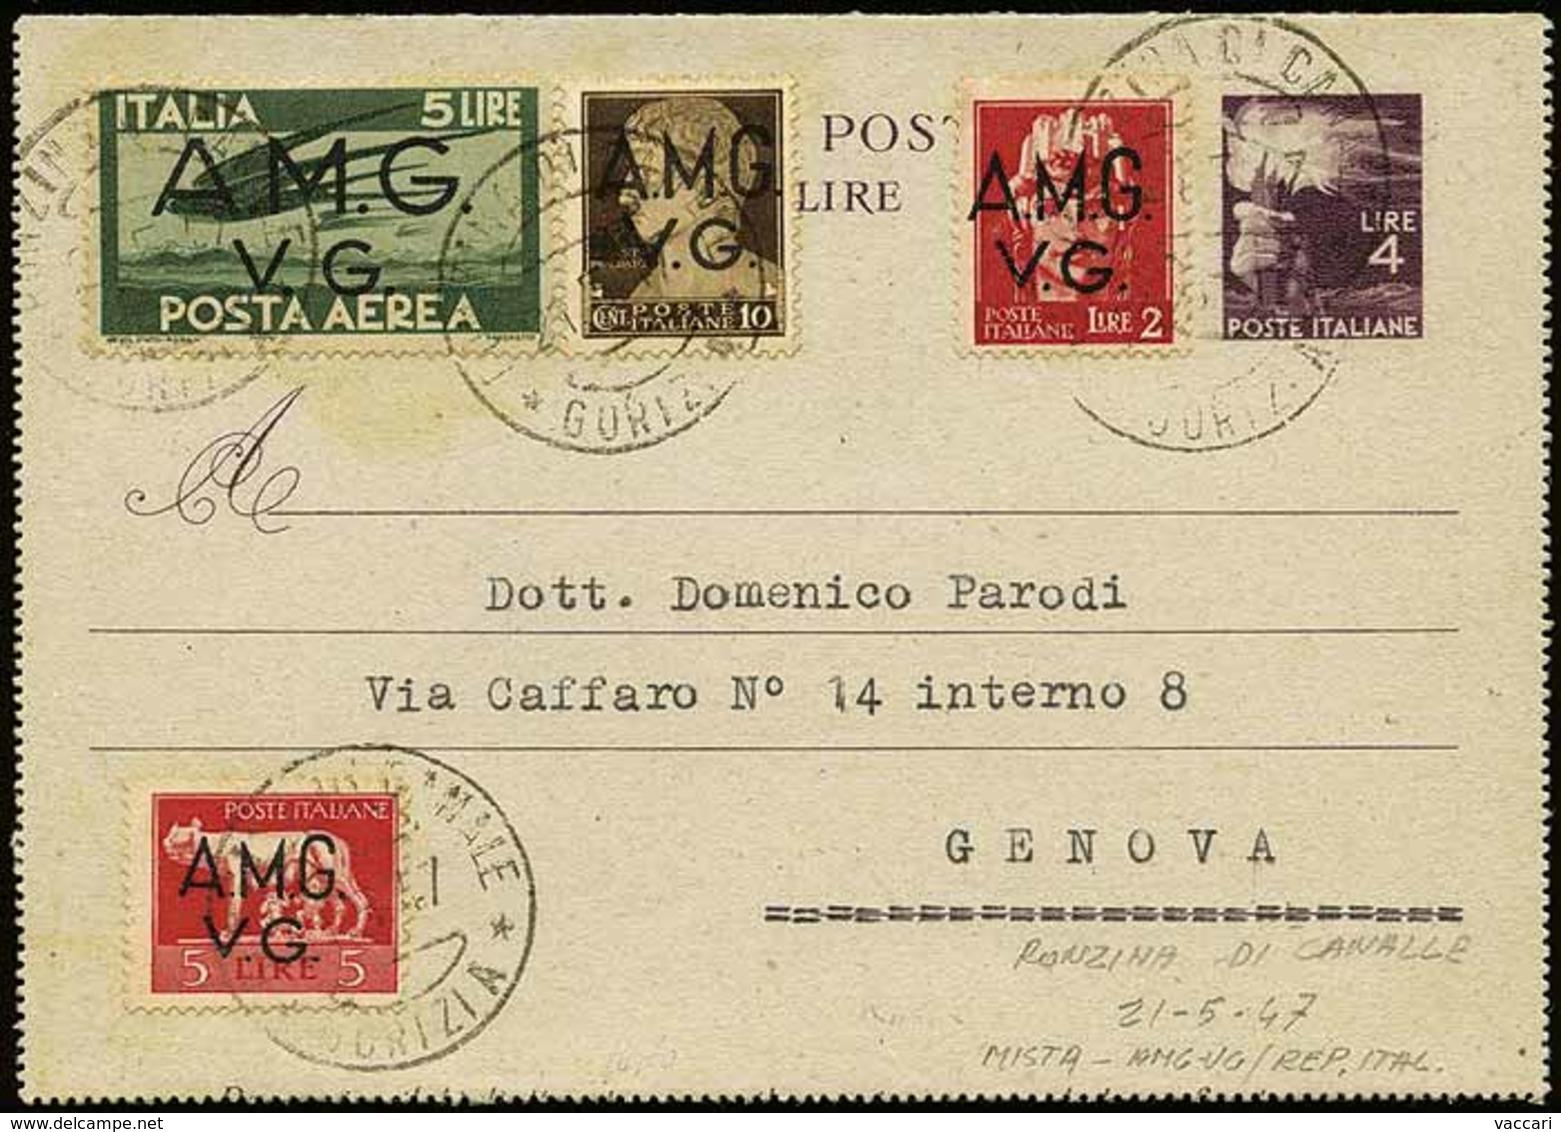 B Trieste AMG-VG - 1 Frontespizio Raccomandato Con Il Solo Bollo Di Arrivo Al Verso + 2 Avvisi Di Ricevimento + 1 Cartol - Stamps